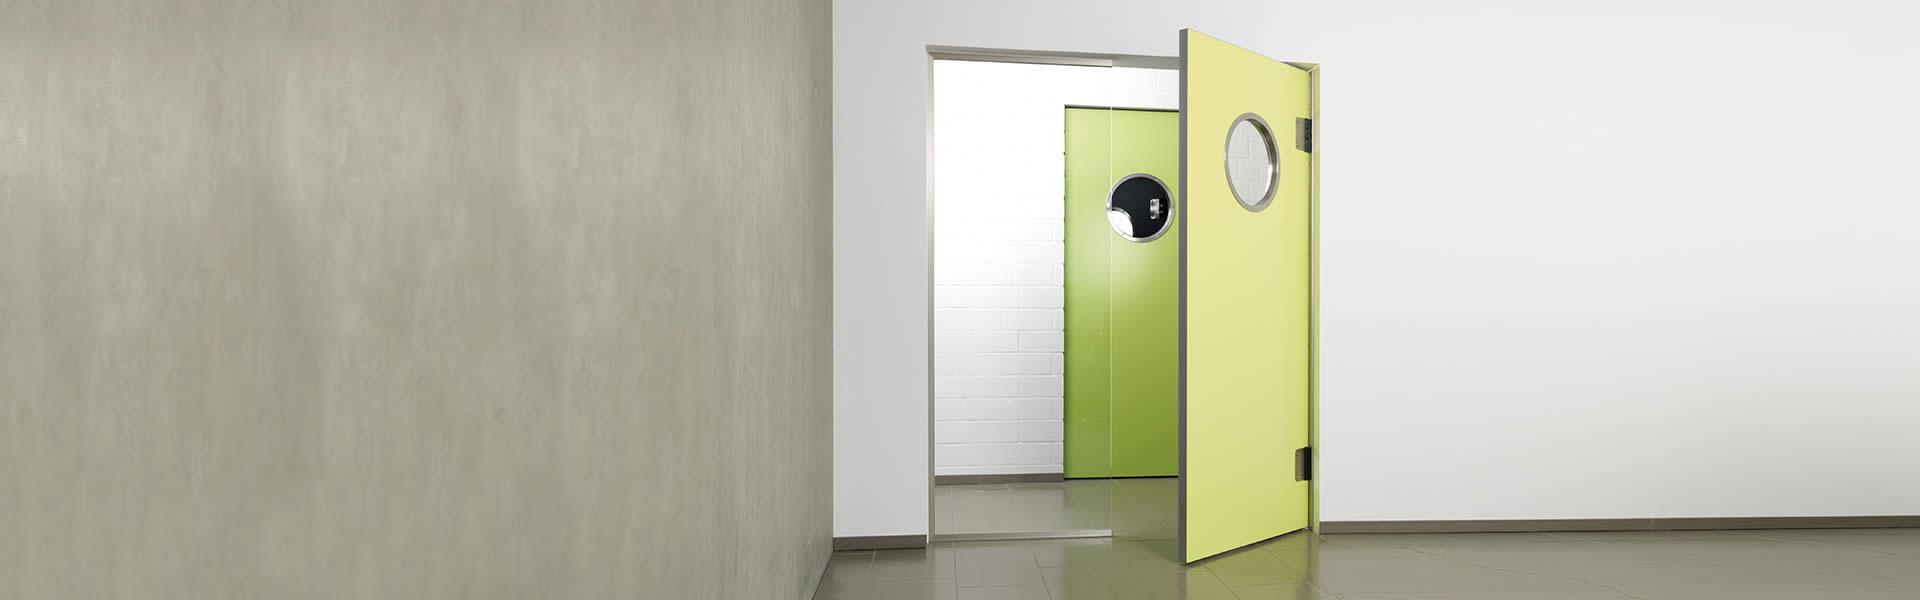 Green swingdoors Grothaus